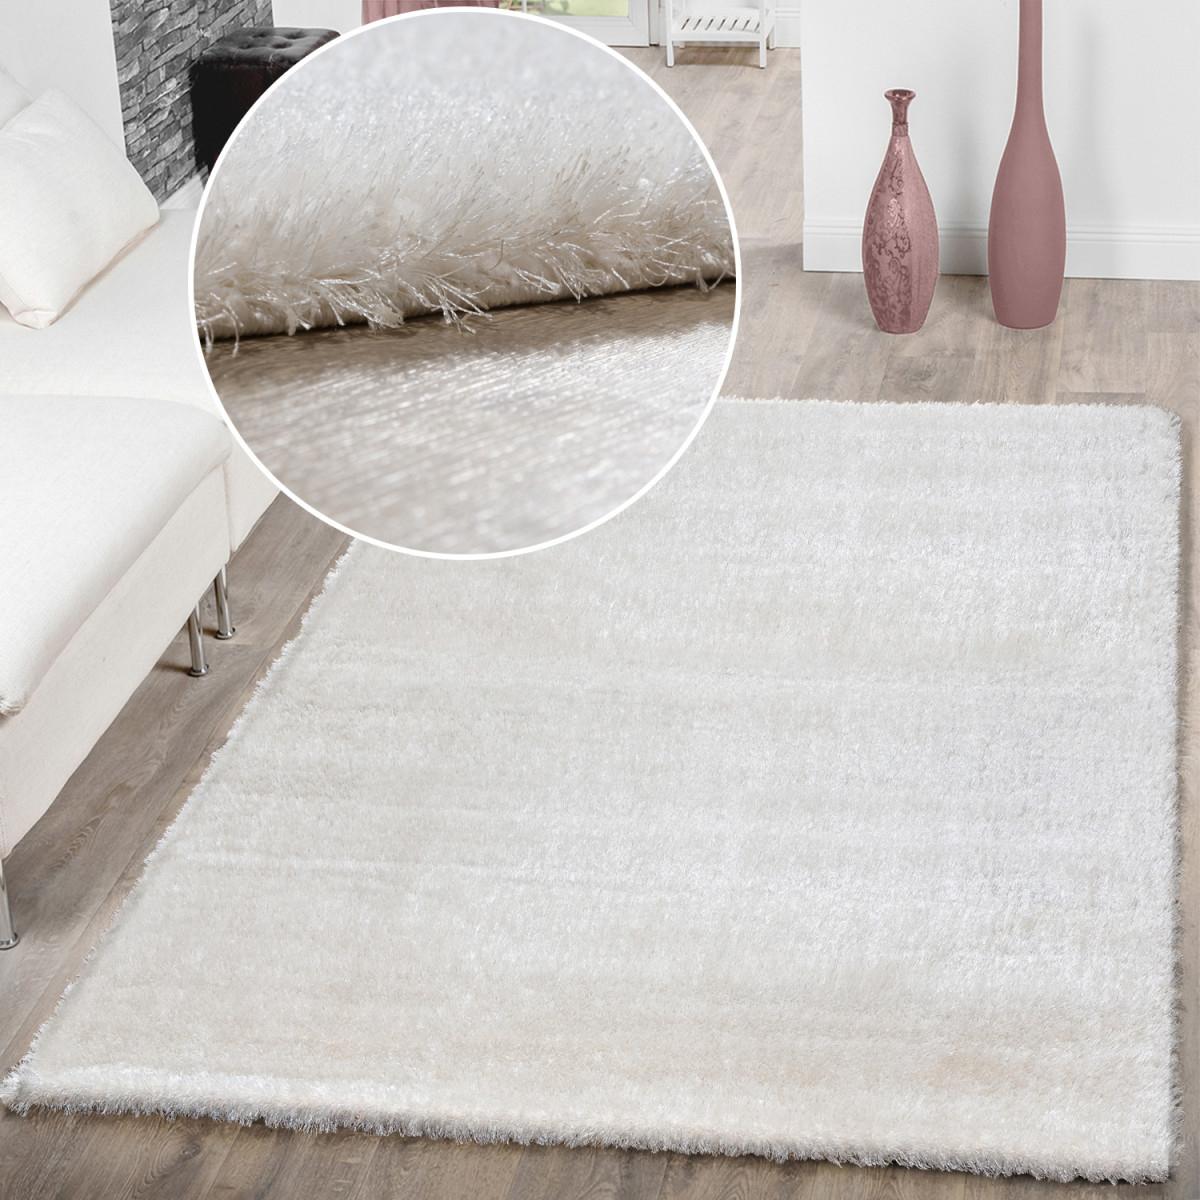 Details Zu Teppich Wohnzimmer Hochflor Teppiche Modern Elegant Weich  Schimmer In Uni Weiß von Weisser Teppich Wohnzimmer Photo